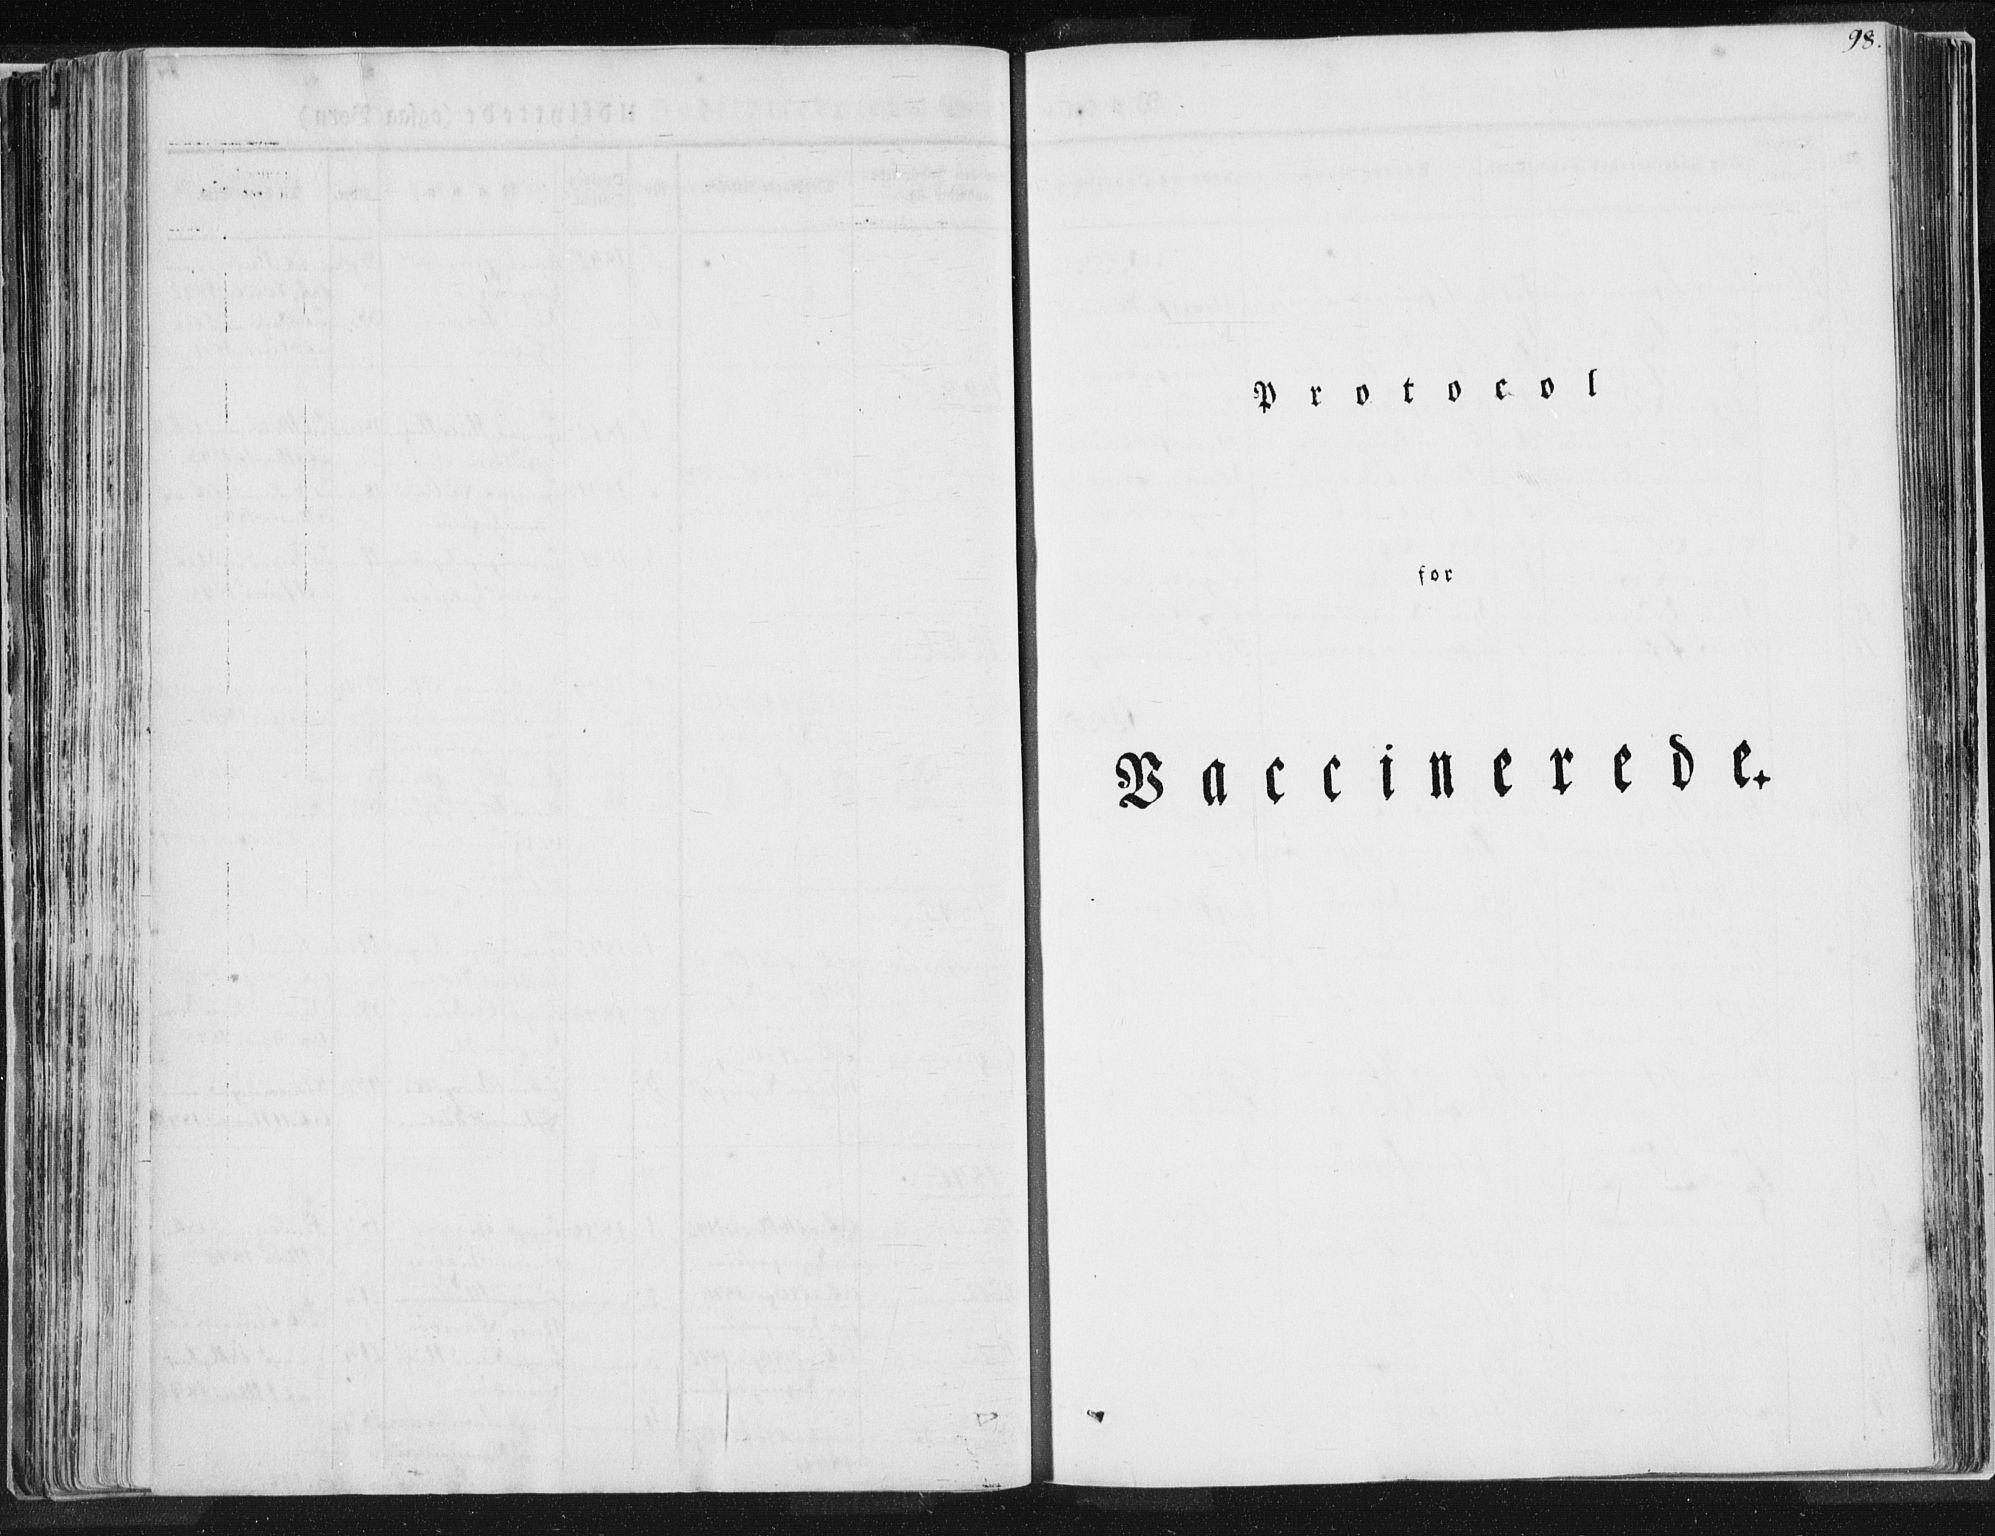 SAST, Hjelmeland sokneprestkontor, IV/L0007: Ministerialbok nr. A 7, 1834-1850, s. 98